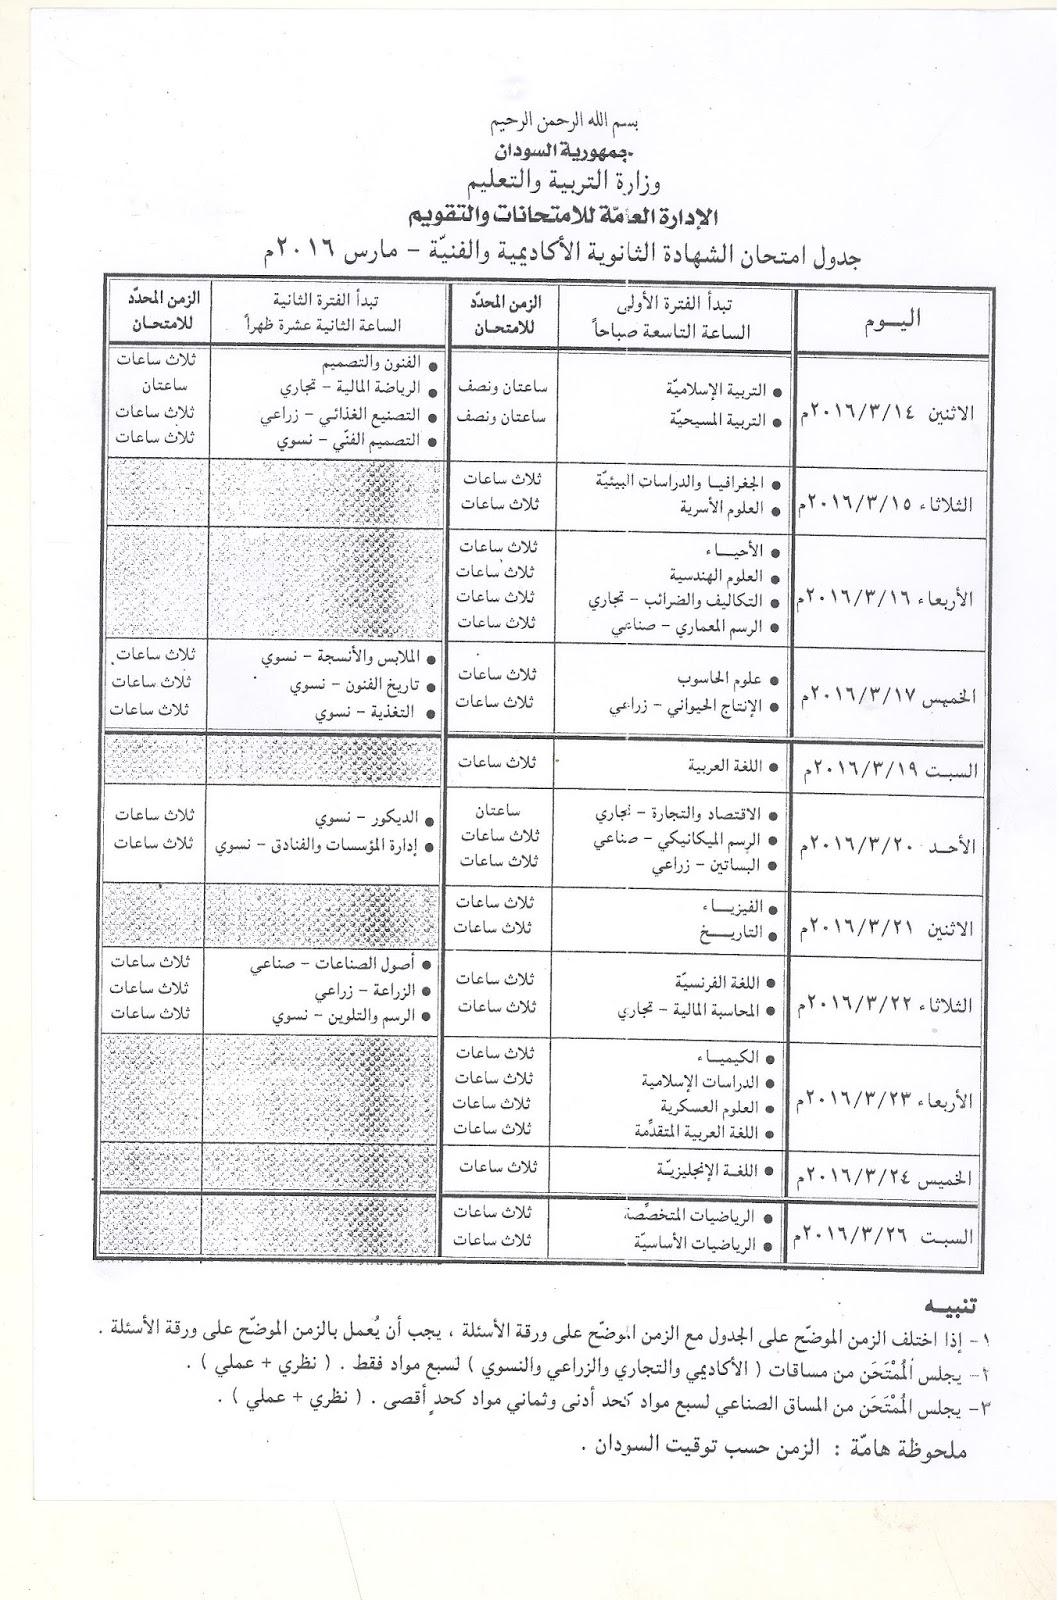 امتحانات الشهادة السودانية 2016